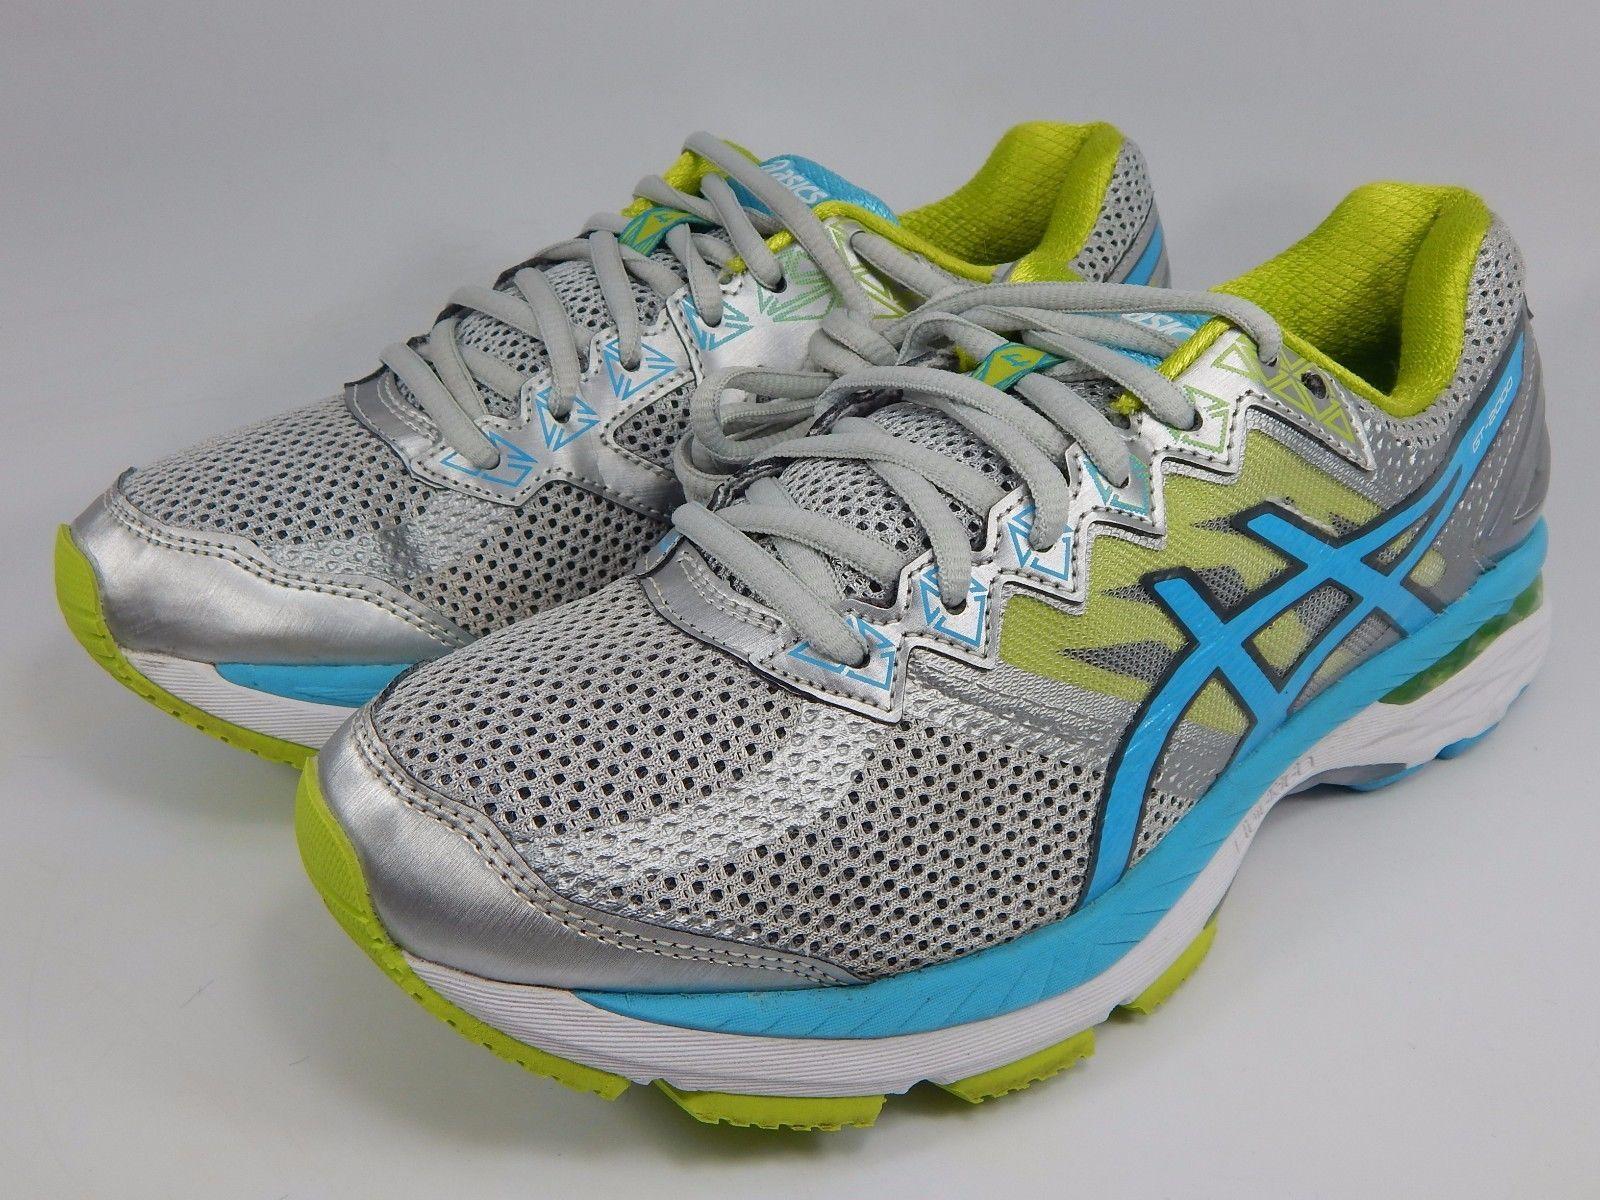 Asics GT 2000 v 4 Women's Running Shoes Sz US 8 D WIDE EU 39.5 Silver T657N (D)